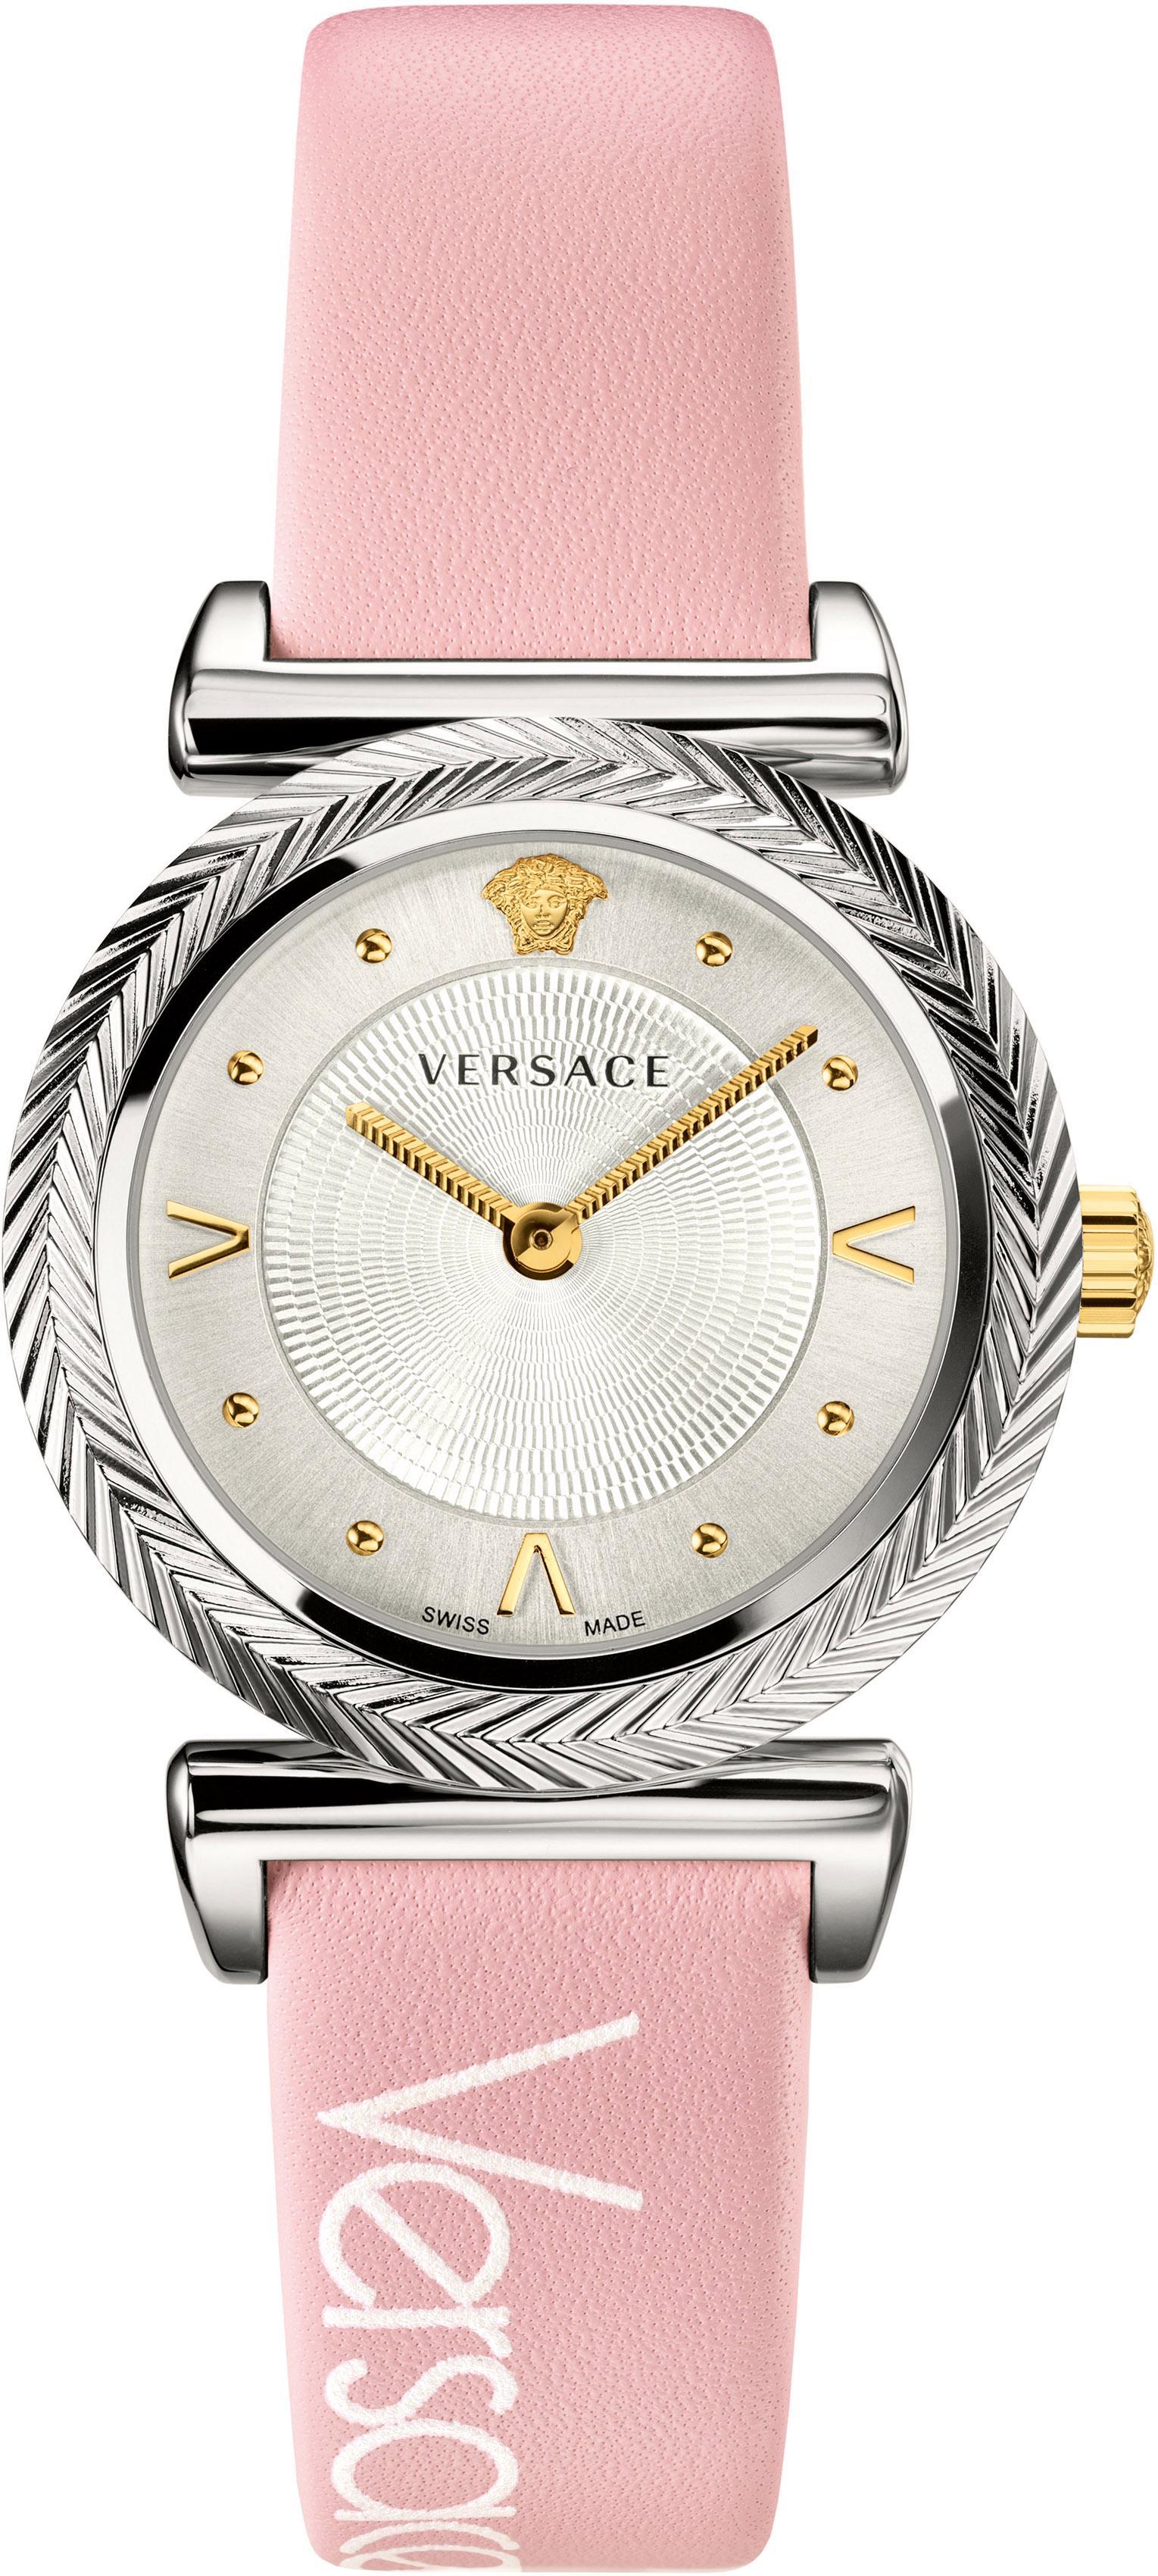 Versace Schweizer Uhr V-MOTIF VERE00118 | Uhren > Schweizer Uhren | Versace